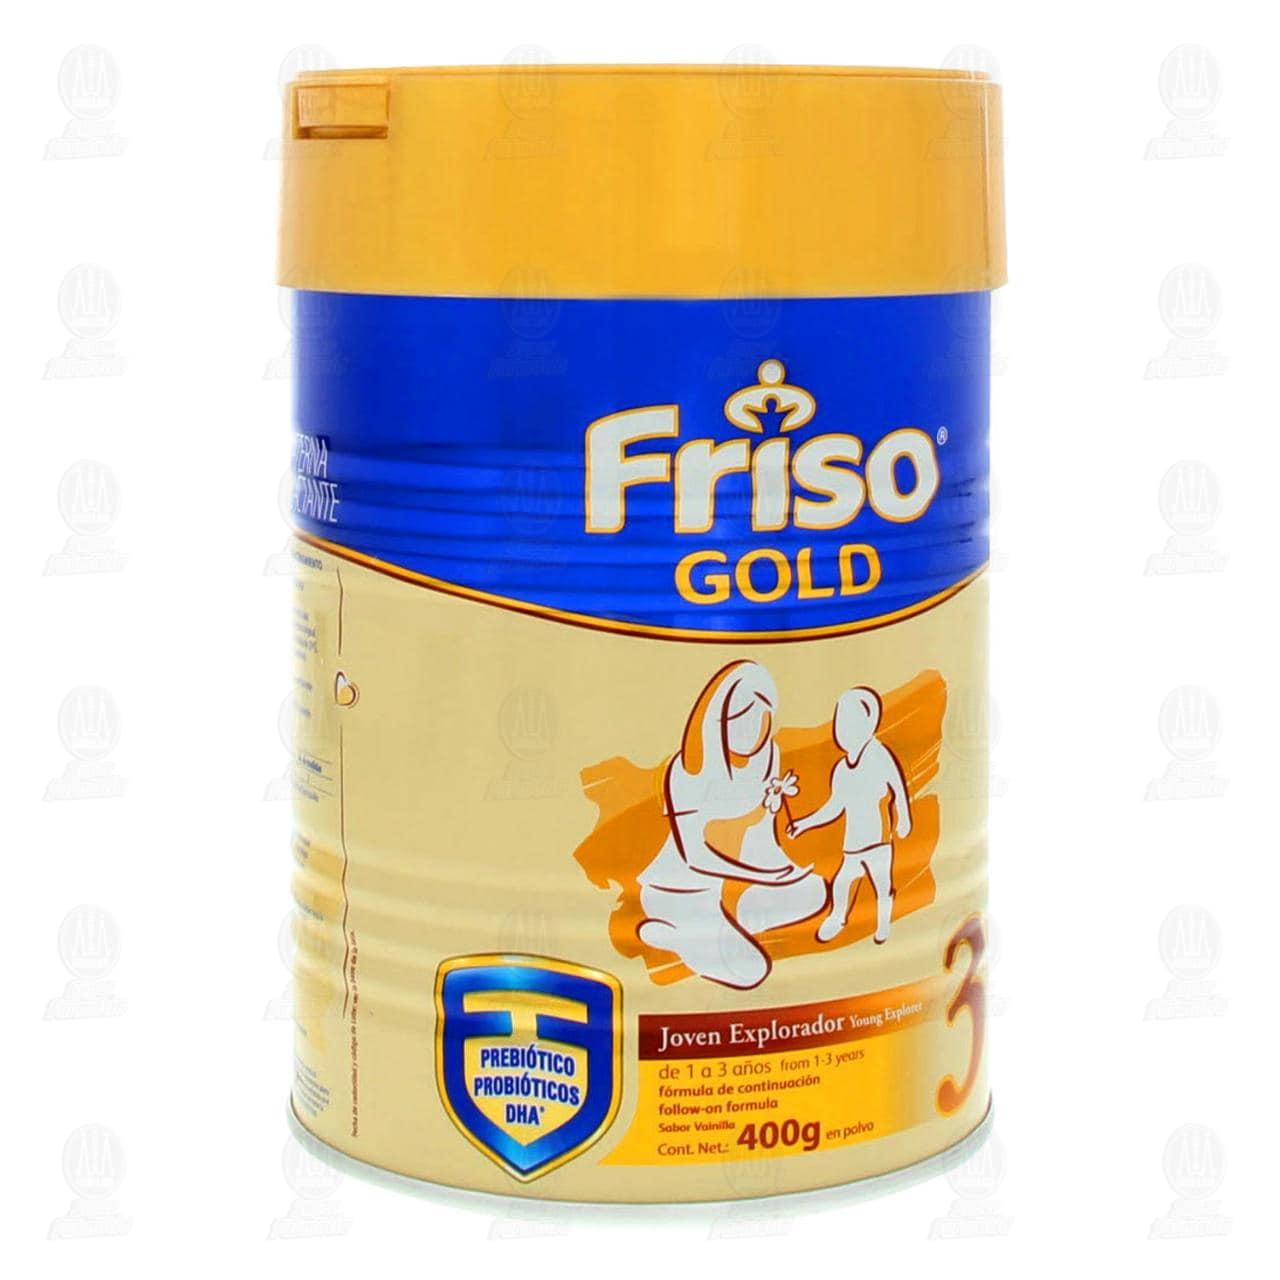 comprar https://www.movil.farmaciasguadalajara.com/wcsstore/FGCAS/wcs/products/1299395_A_1280_AL.jpg en farmacias guadalajara